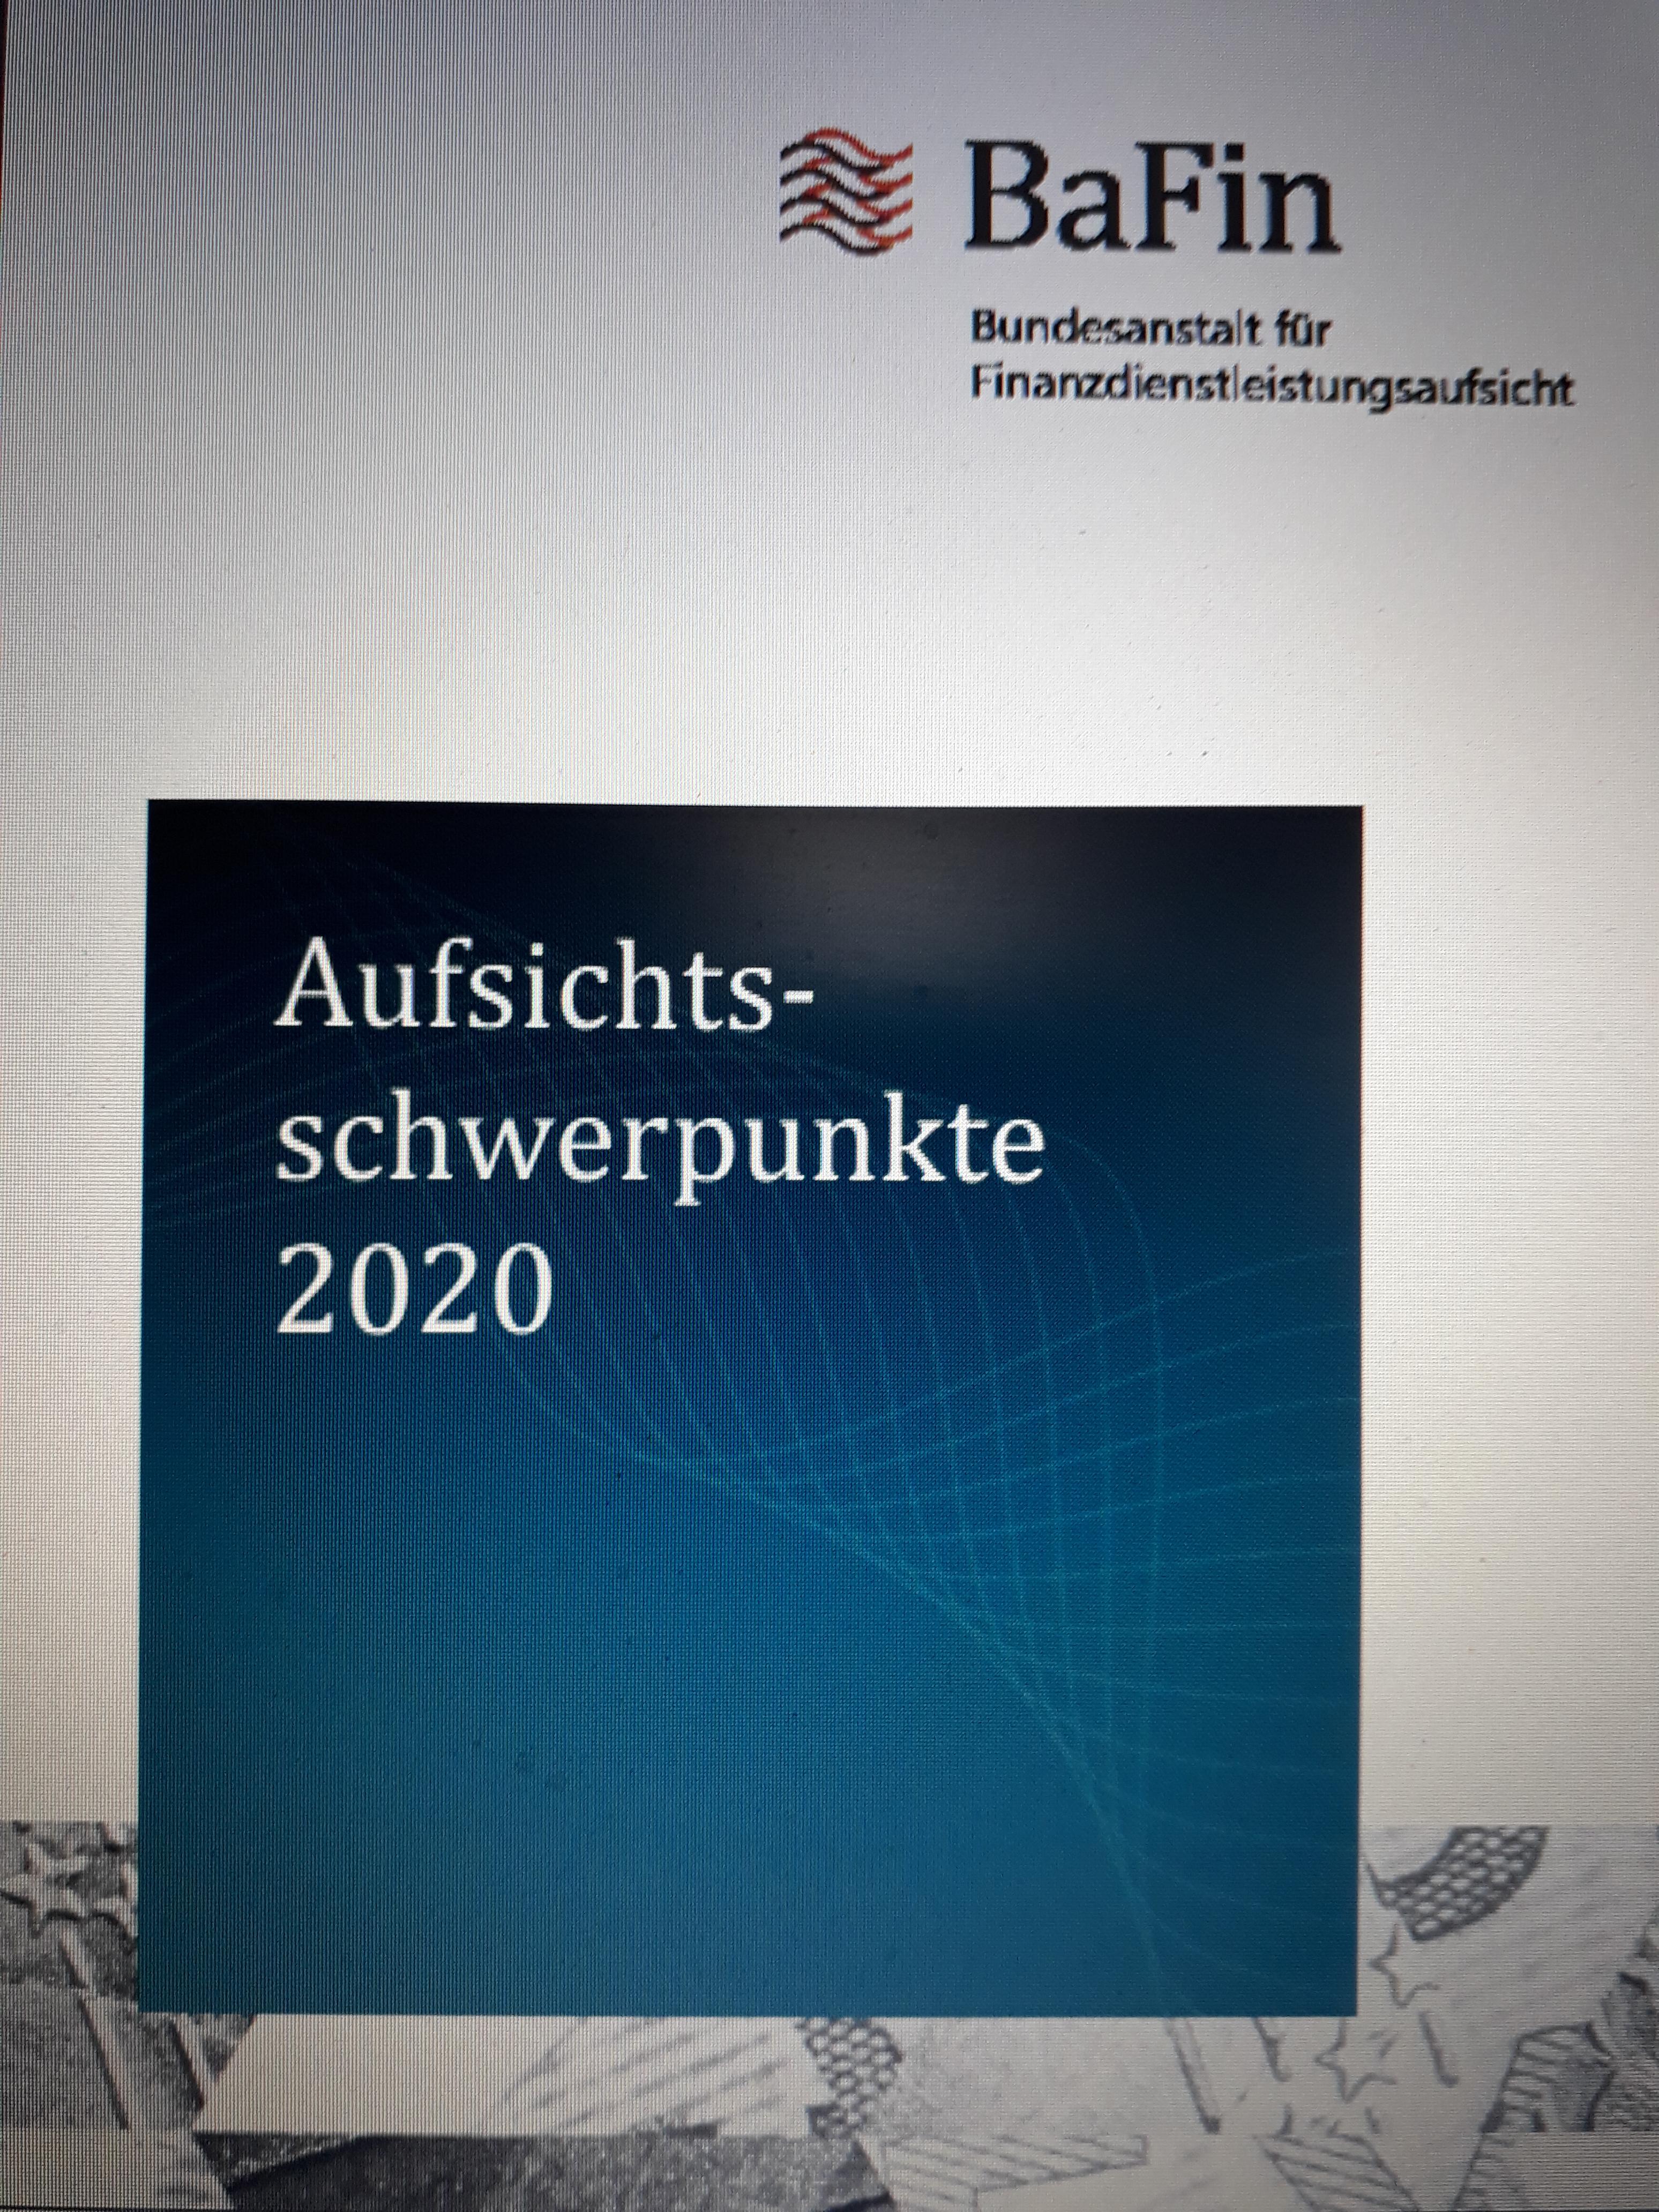 2020-01-16 BaFin Schwerpunkte 2020